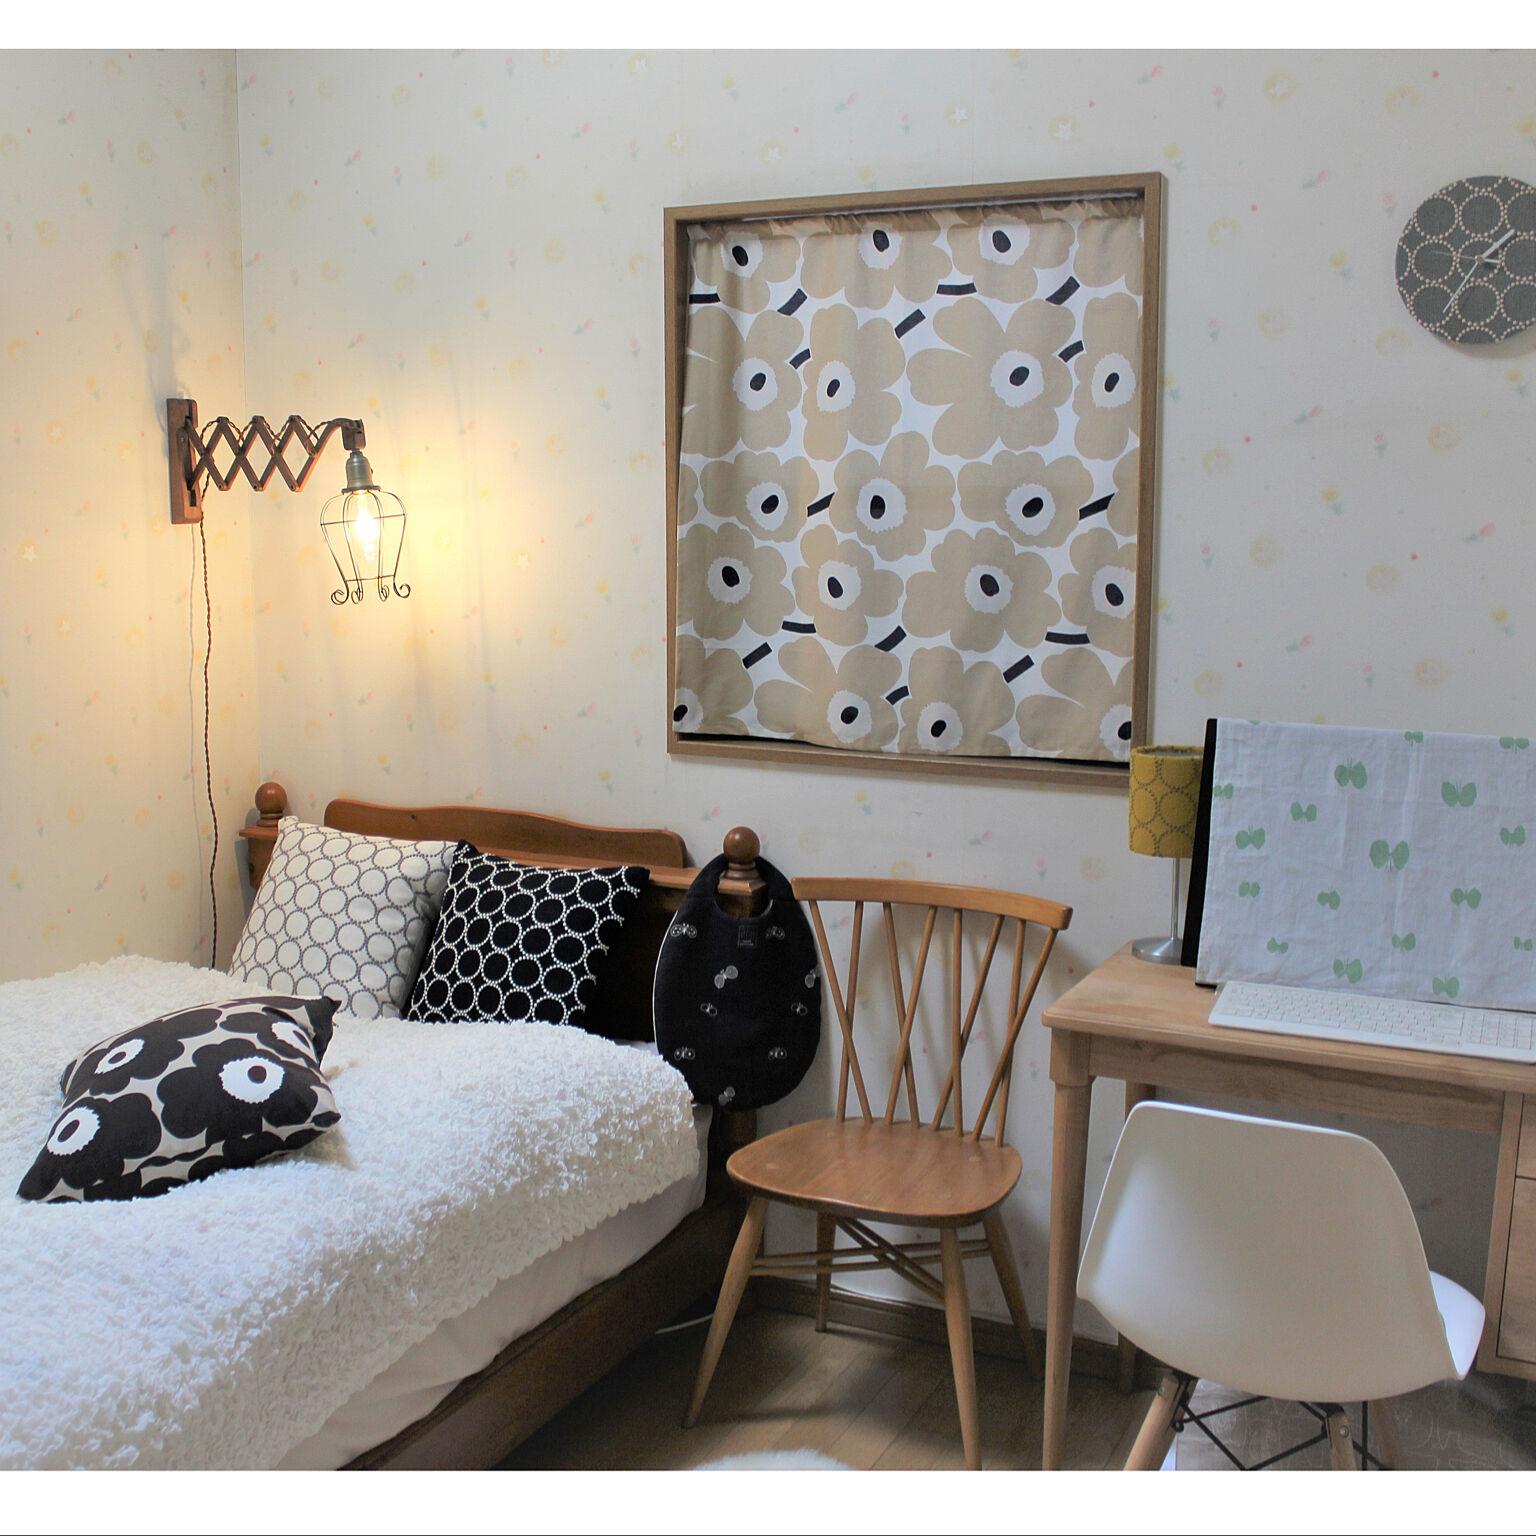 洗練された北欧テイストを 生地を使った手作りのアイテム Roomclip Mag 暮らしとインテリアのwebマガジン